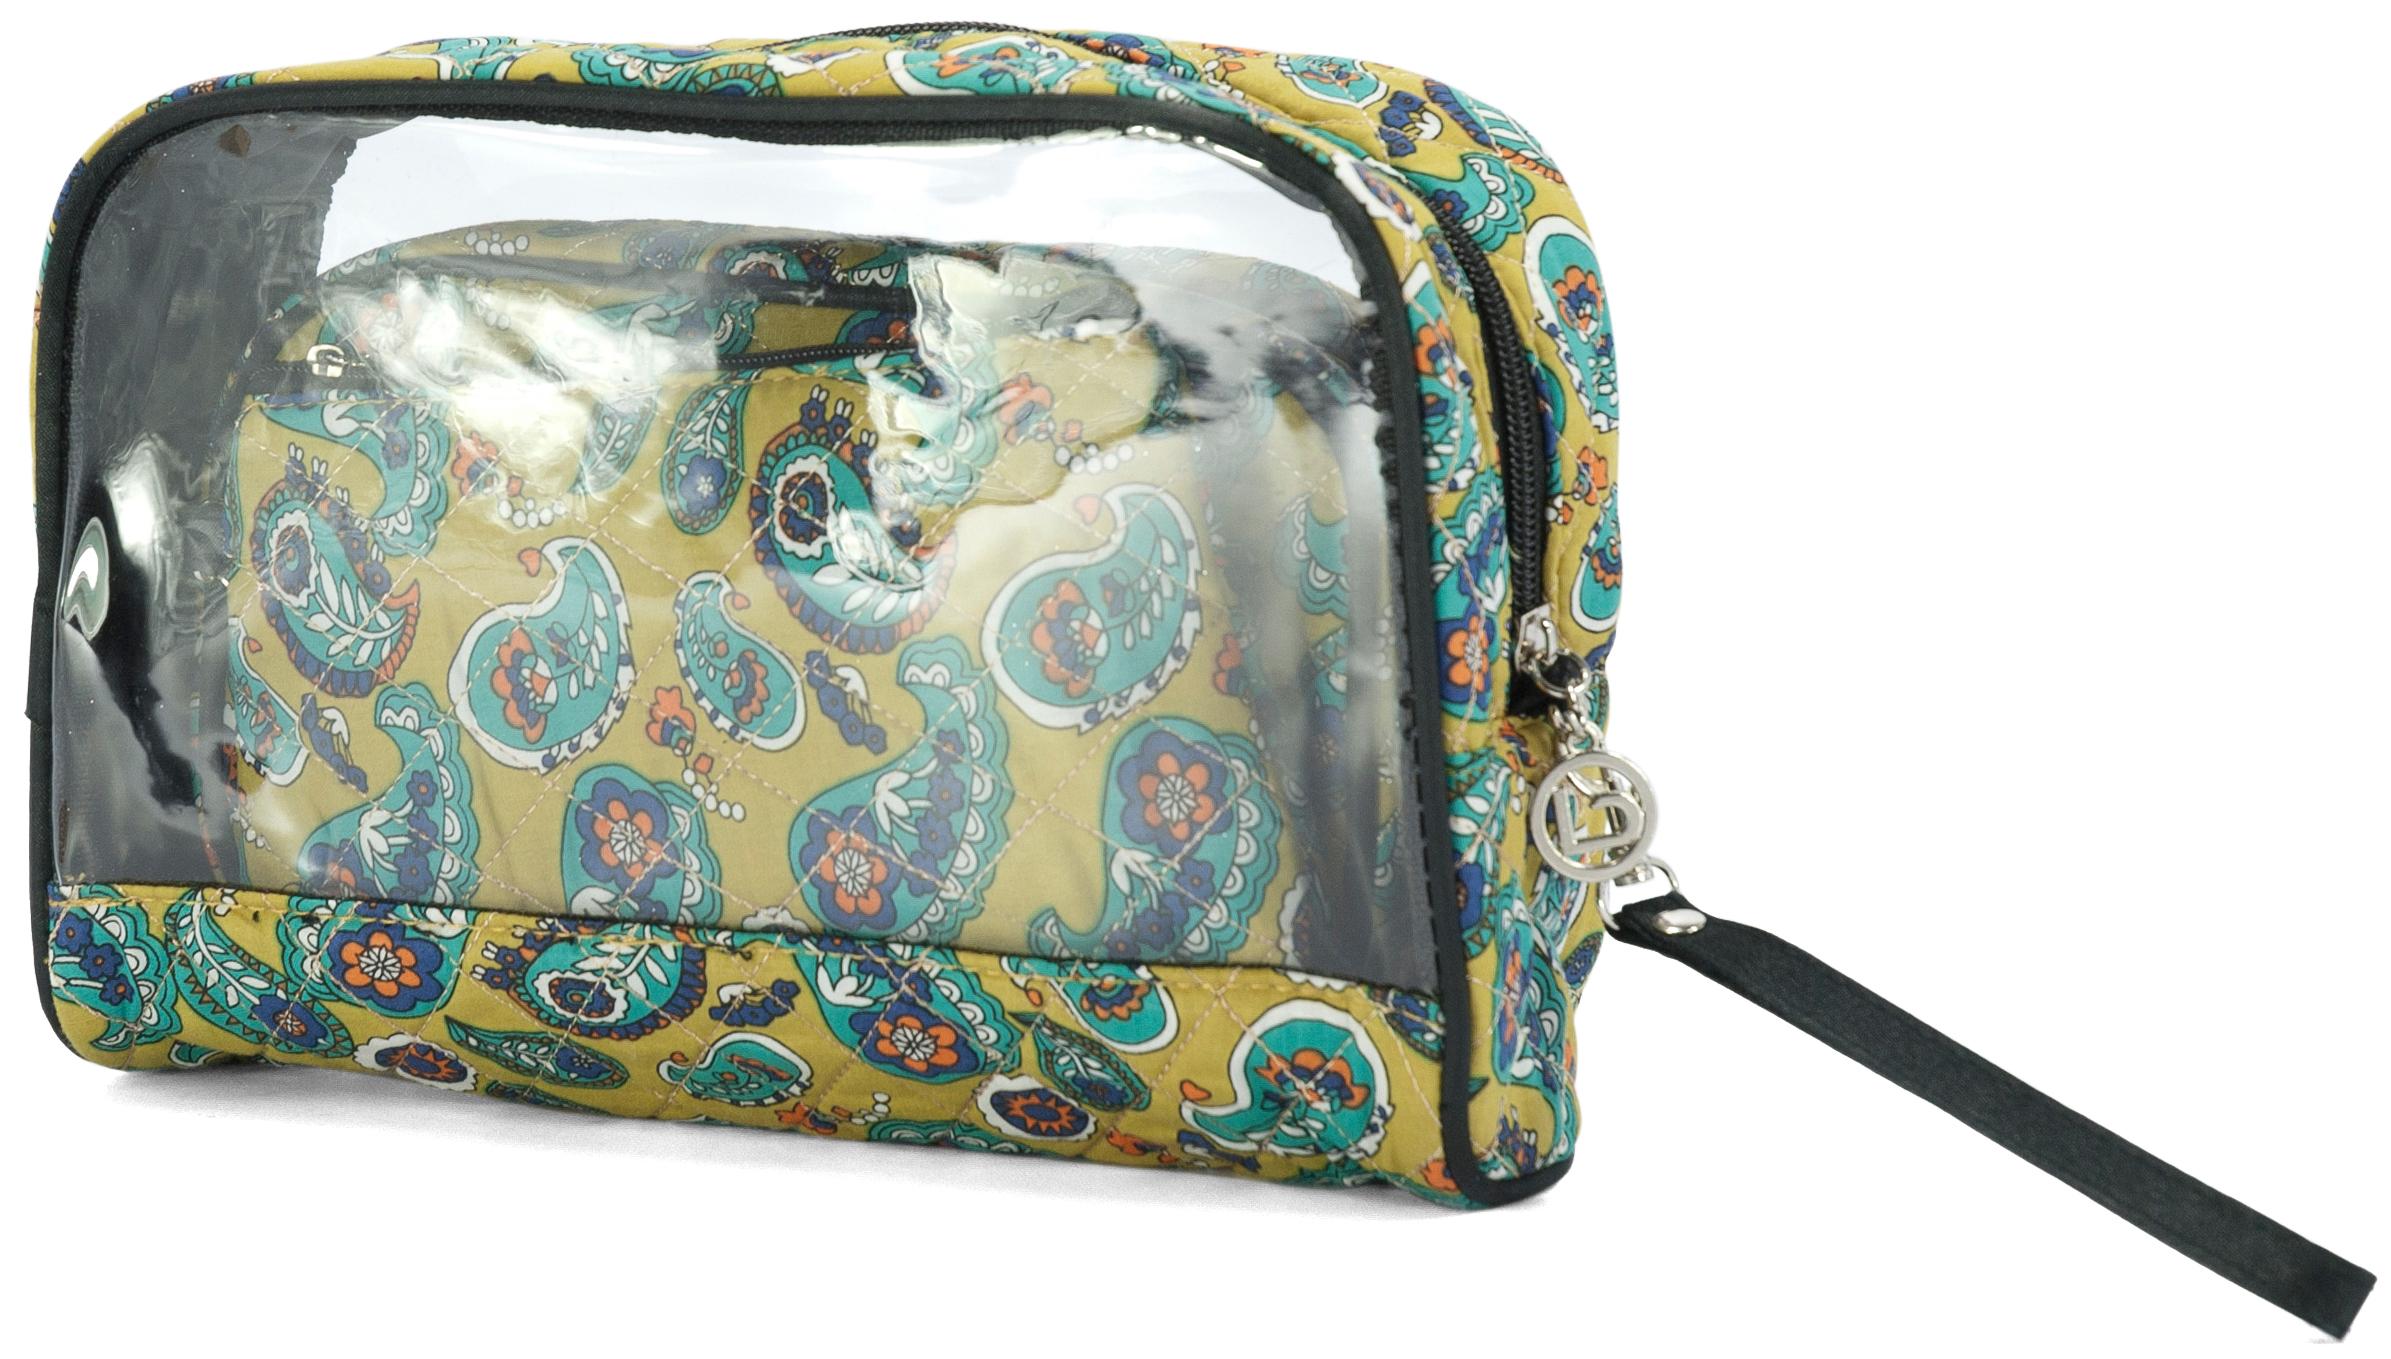 Νεσεσέρ Σετ 3τμχ benzi 5015 Green - benzi - BZ-5015-green ειδη οικ  χρησησ βαλίτσες   τσάντες ταξιδίου